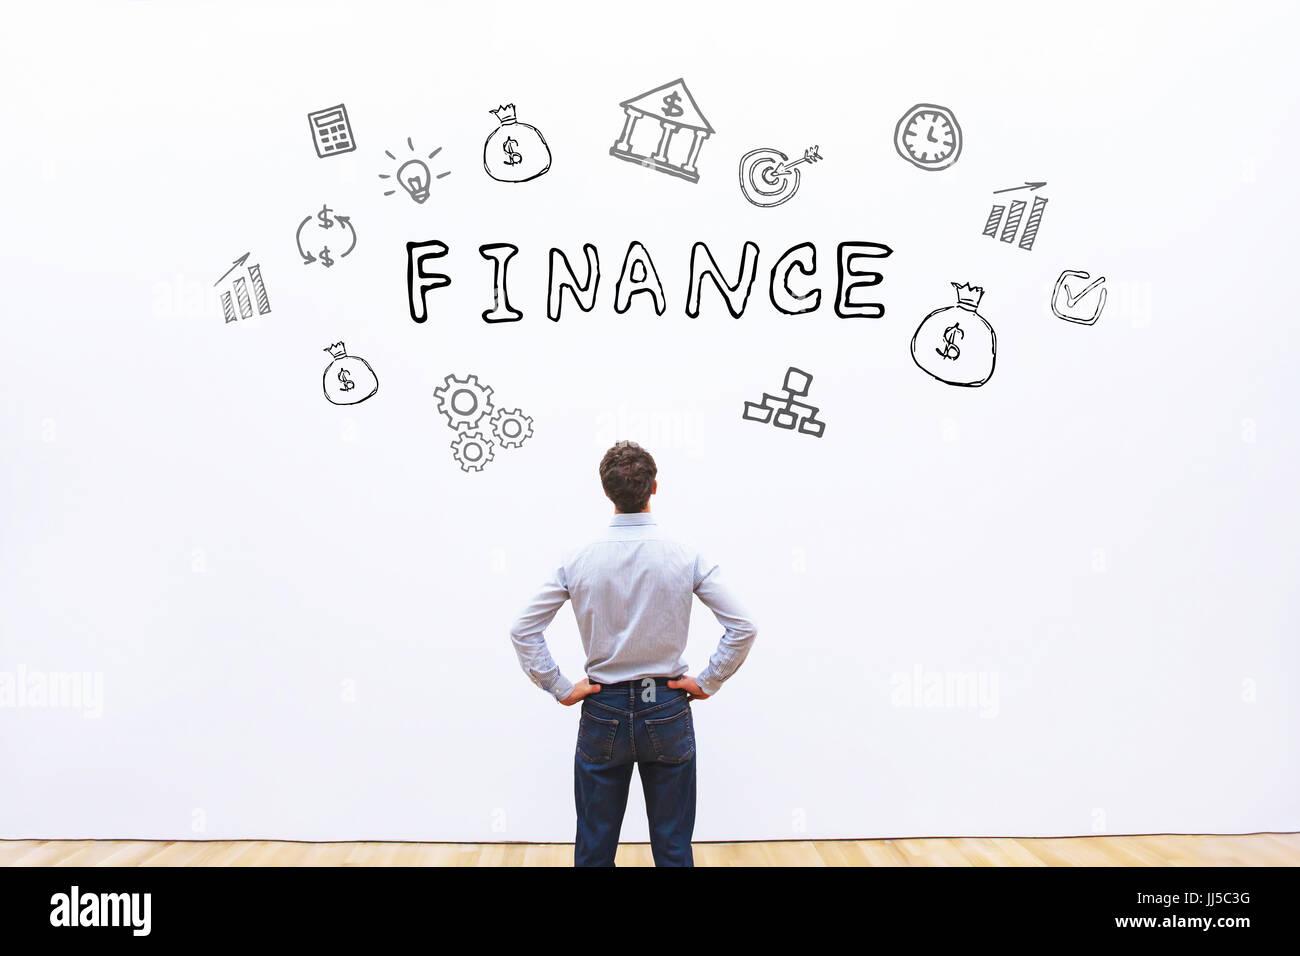 Finanzen-Konzept, Geschäftsmann, Blick auf gezeichnete Wort auf weißem Hintergrund Stockbild